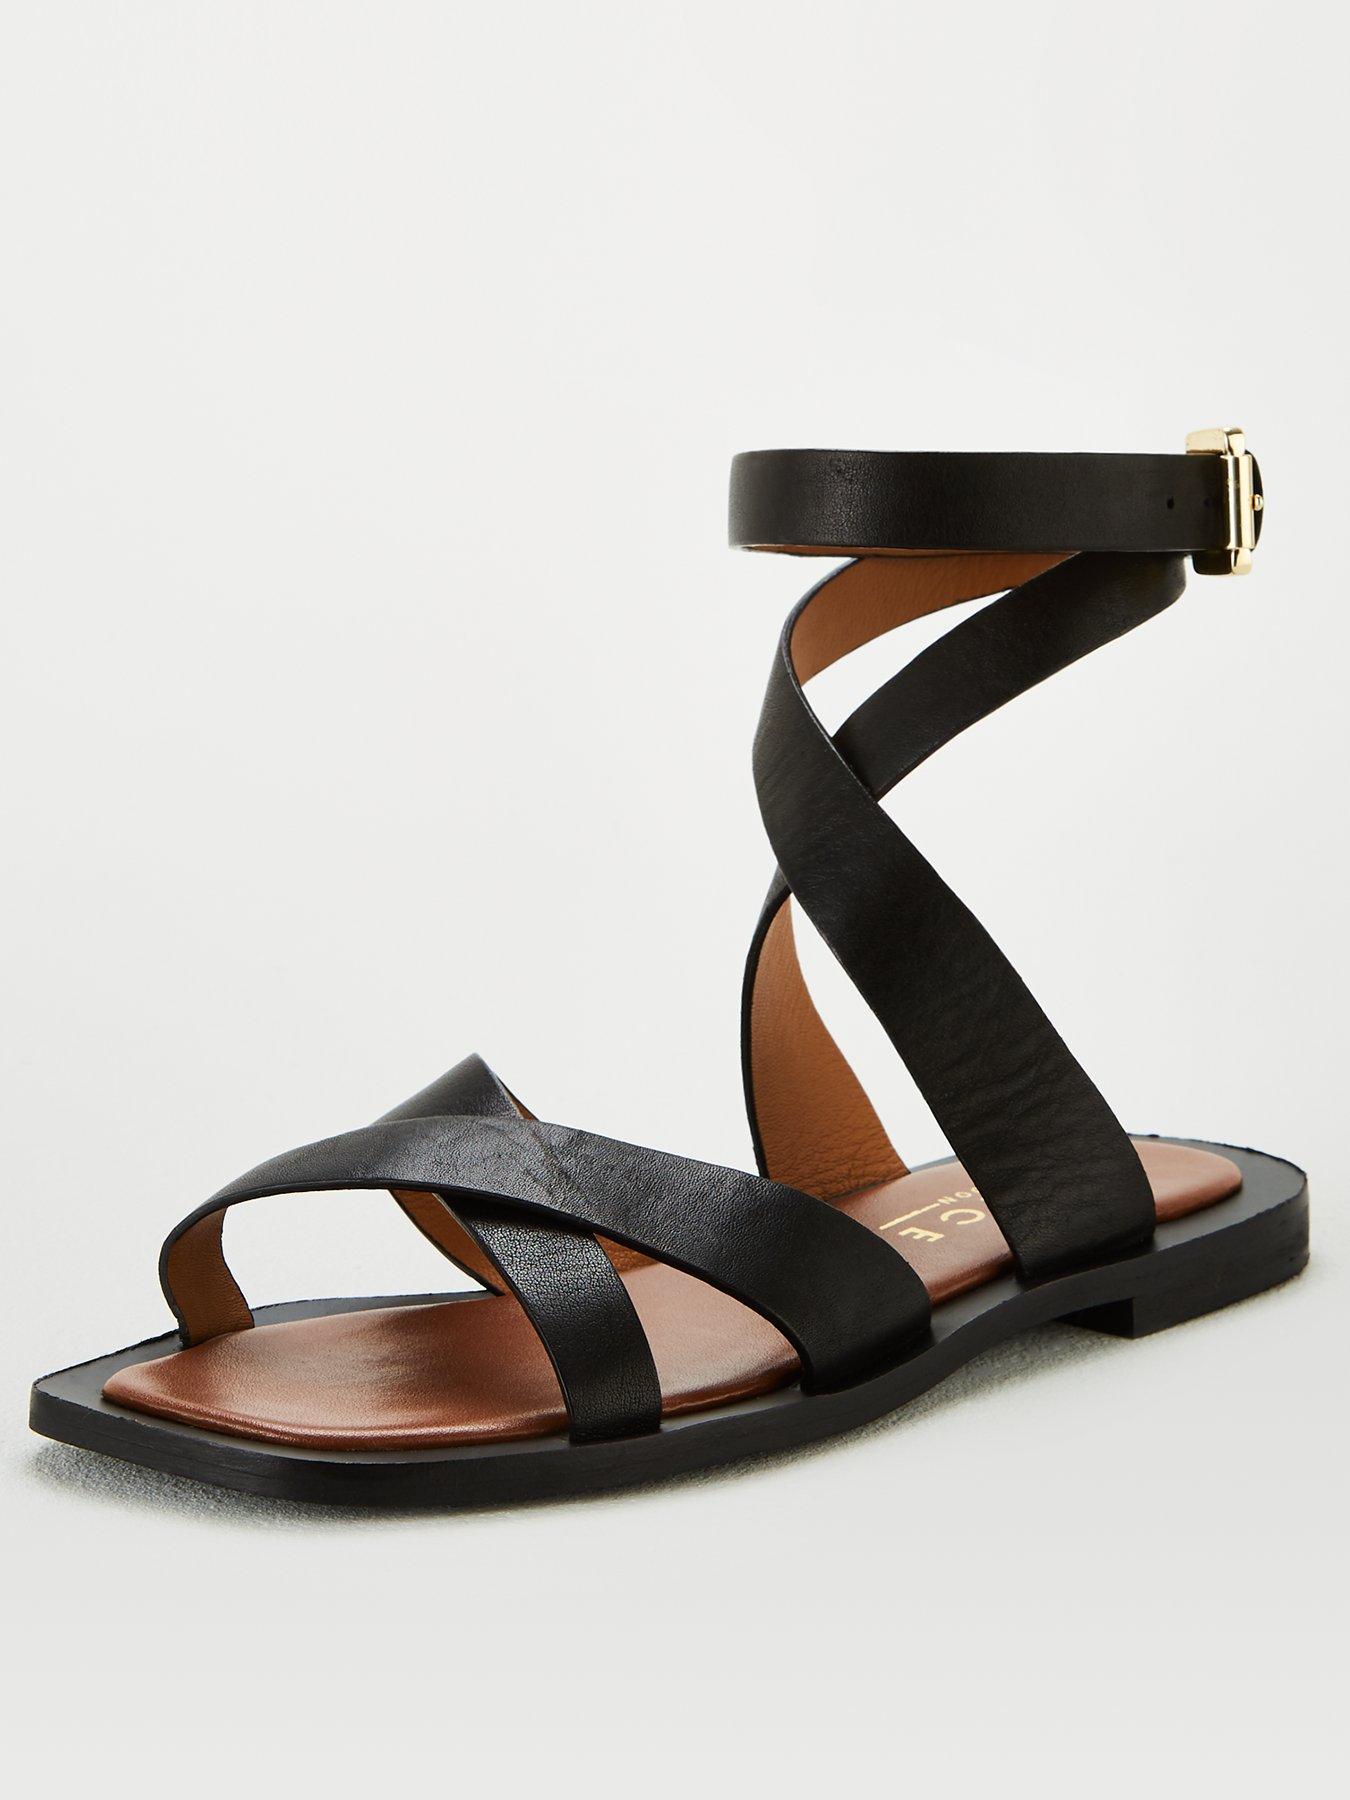 Sandals \u0026 flip flops | Shoes \u0026 boots